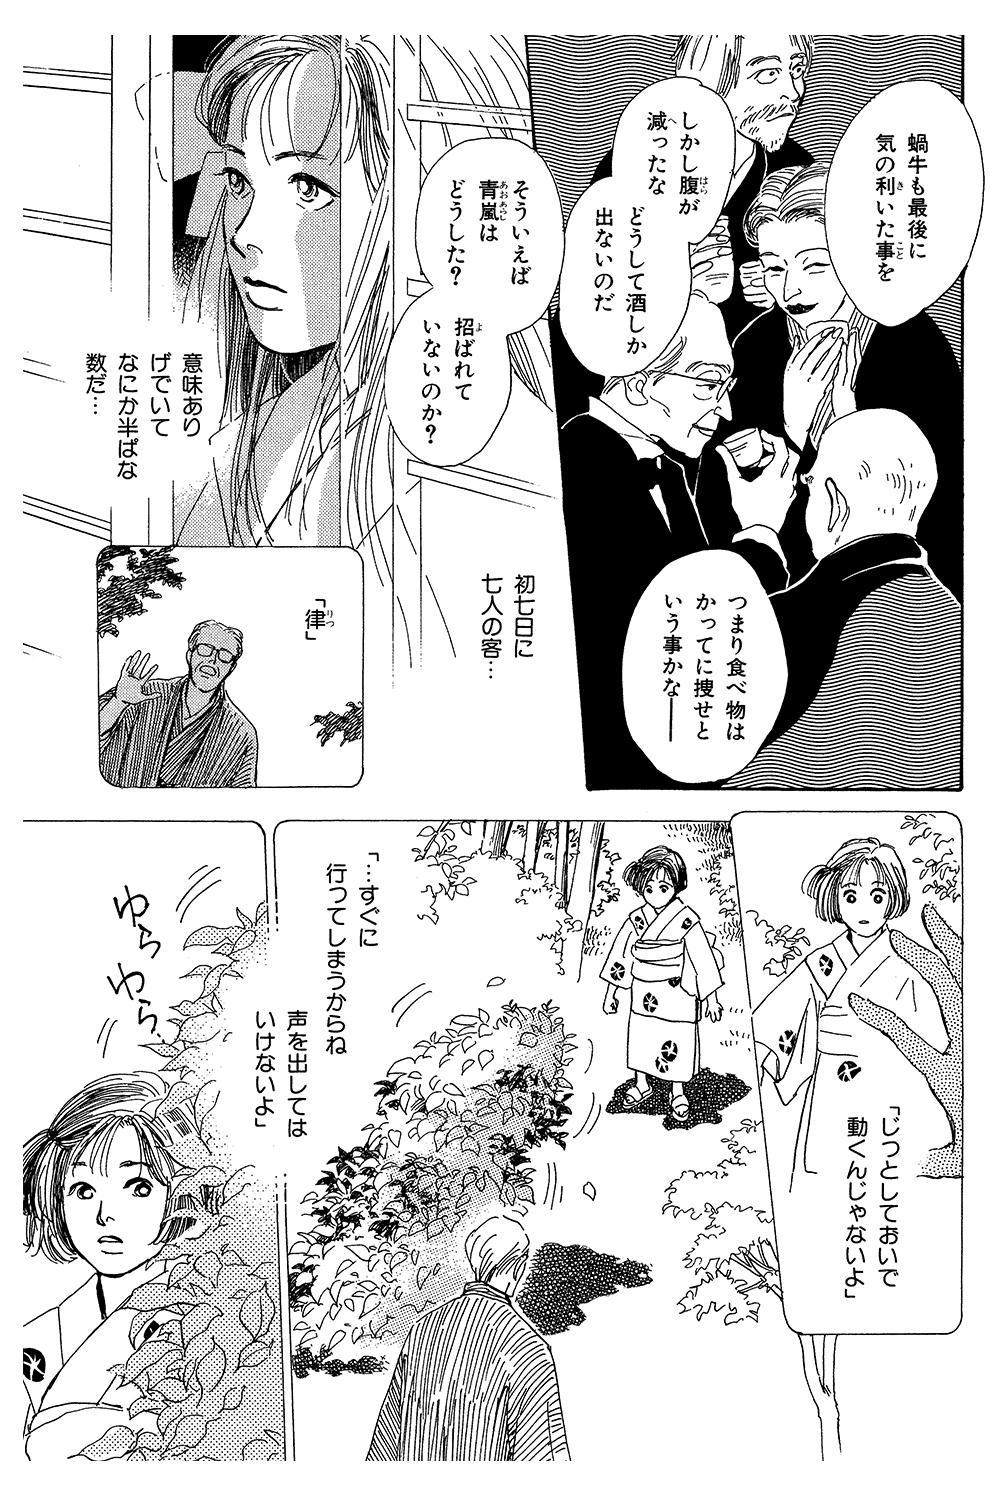 百鬼夜行抄 序章「精進おとしの客」hyakki07.jpg